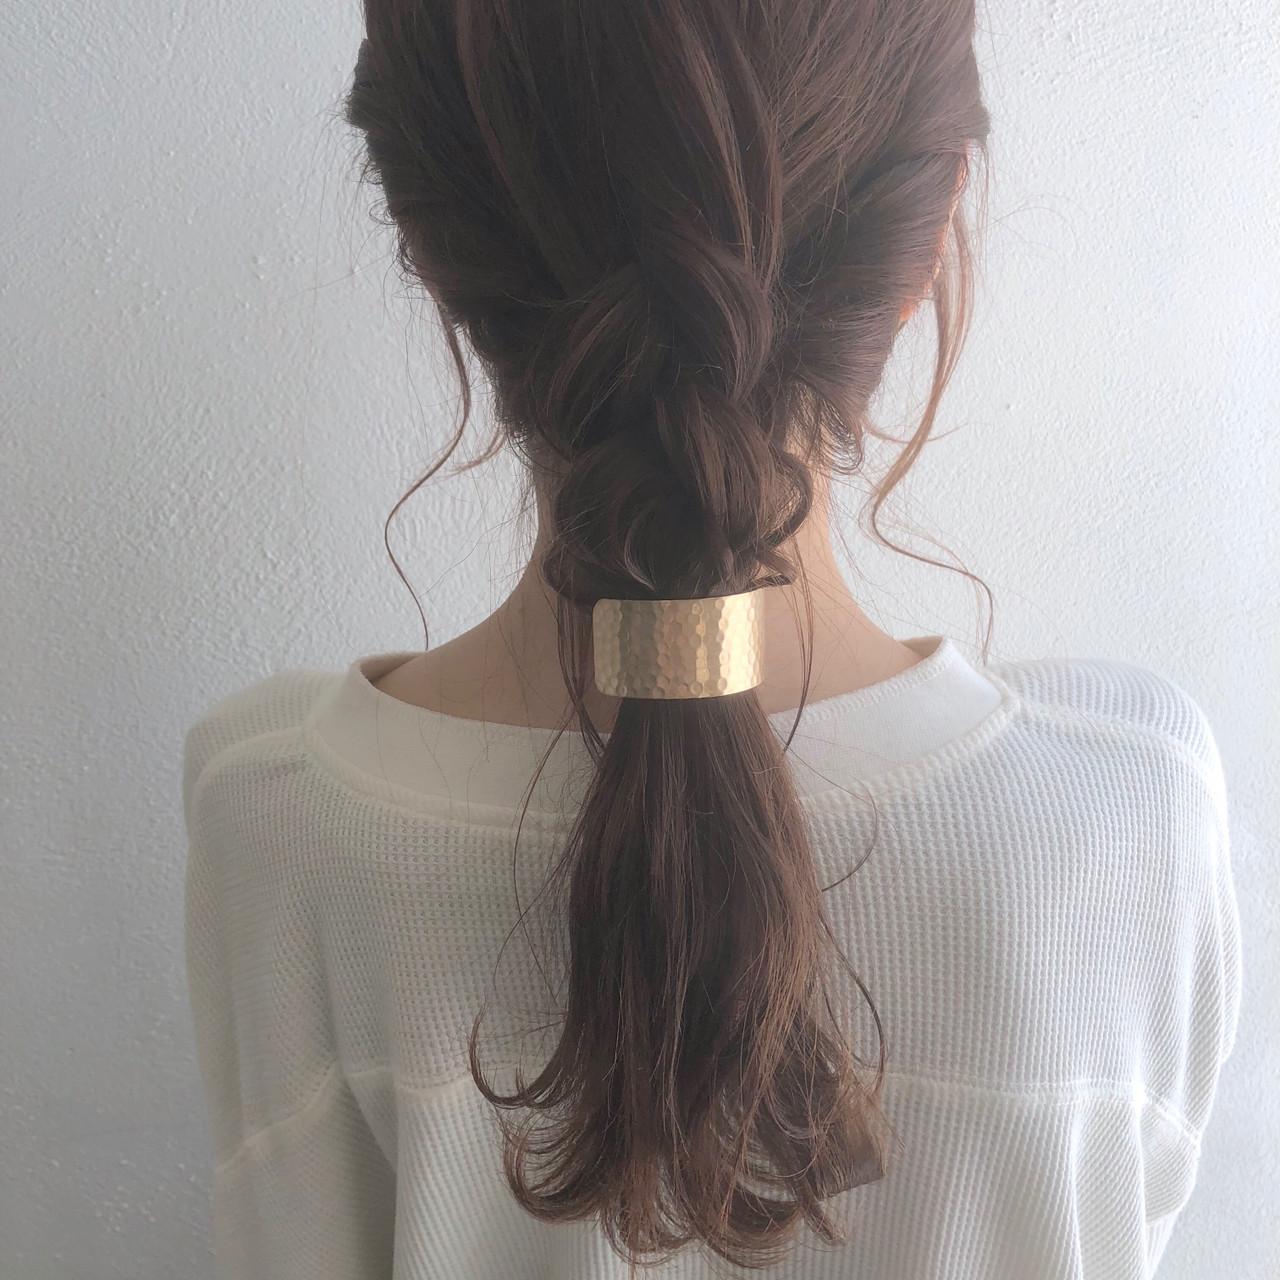 ロング 編み込み ヘアアレンジ アンニュイほつれヘア ヘアスタイルや髪型の写真・画像